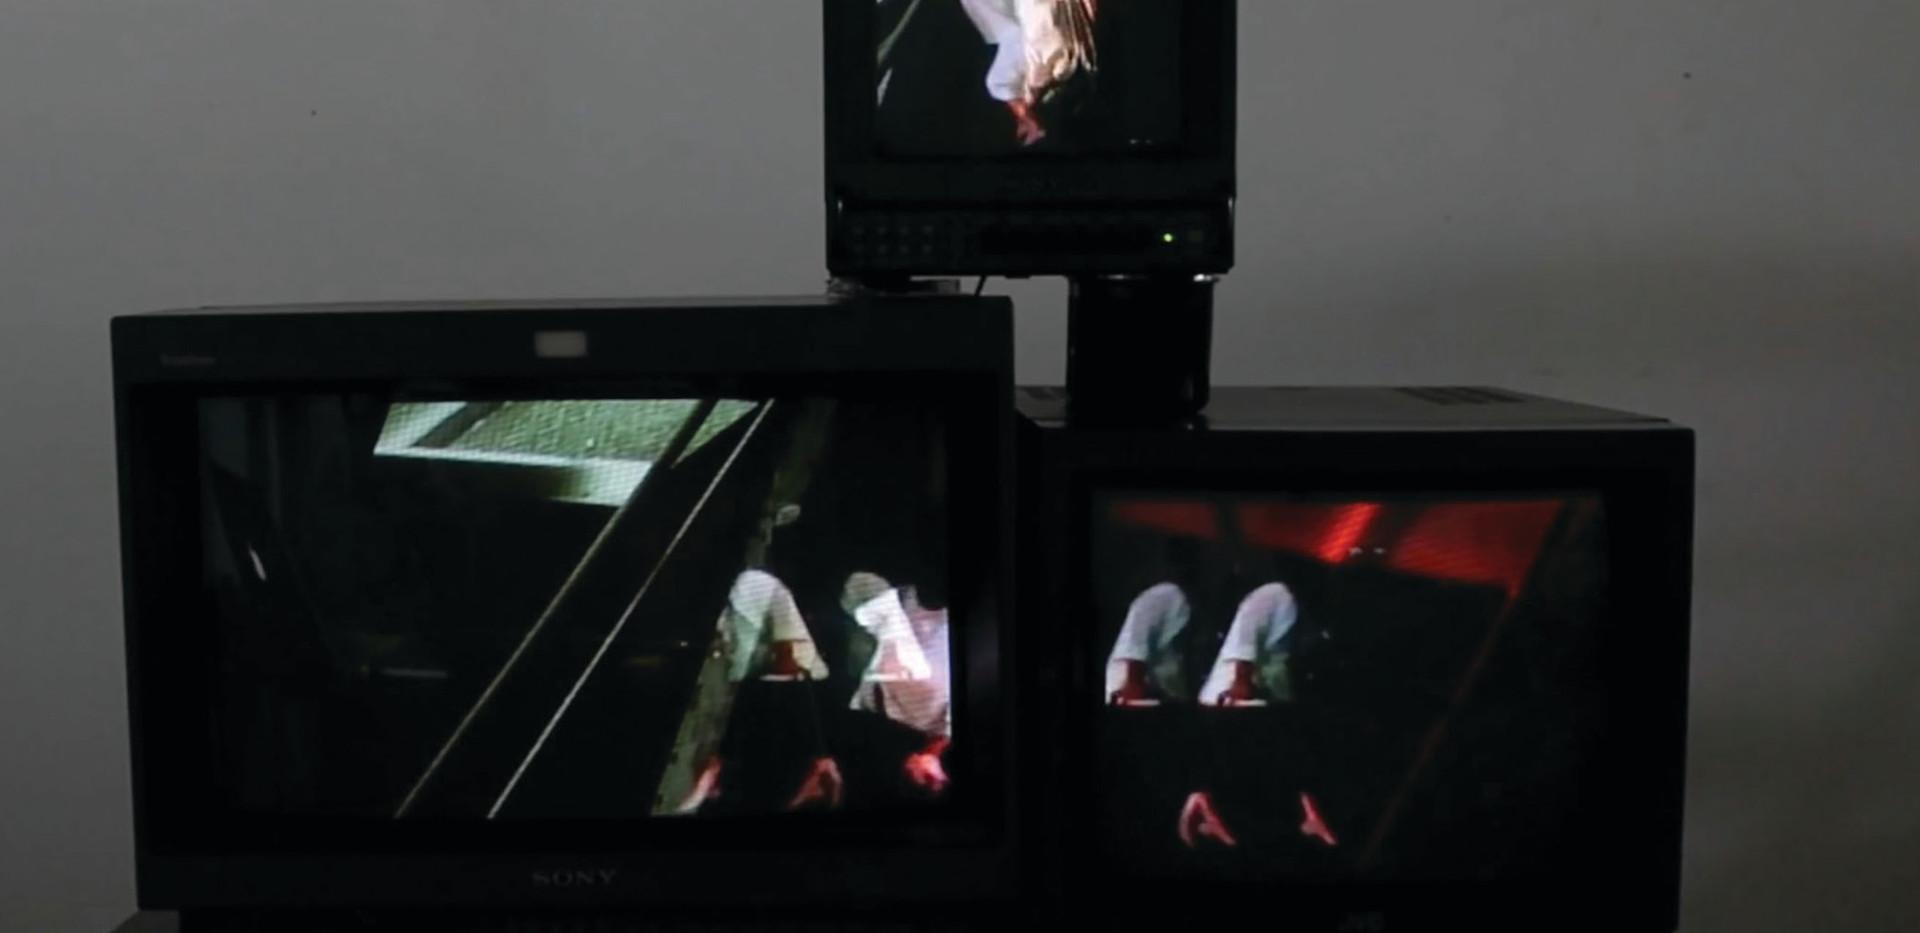 MICHAEL MERSEREAU / Multidsiciplinary Media Artist  / Filmmaker (San Francisco / Montreal, Quebec)